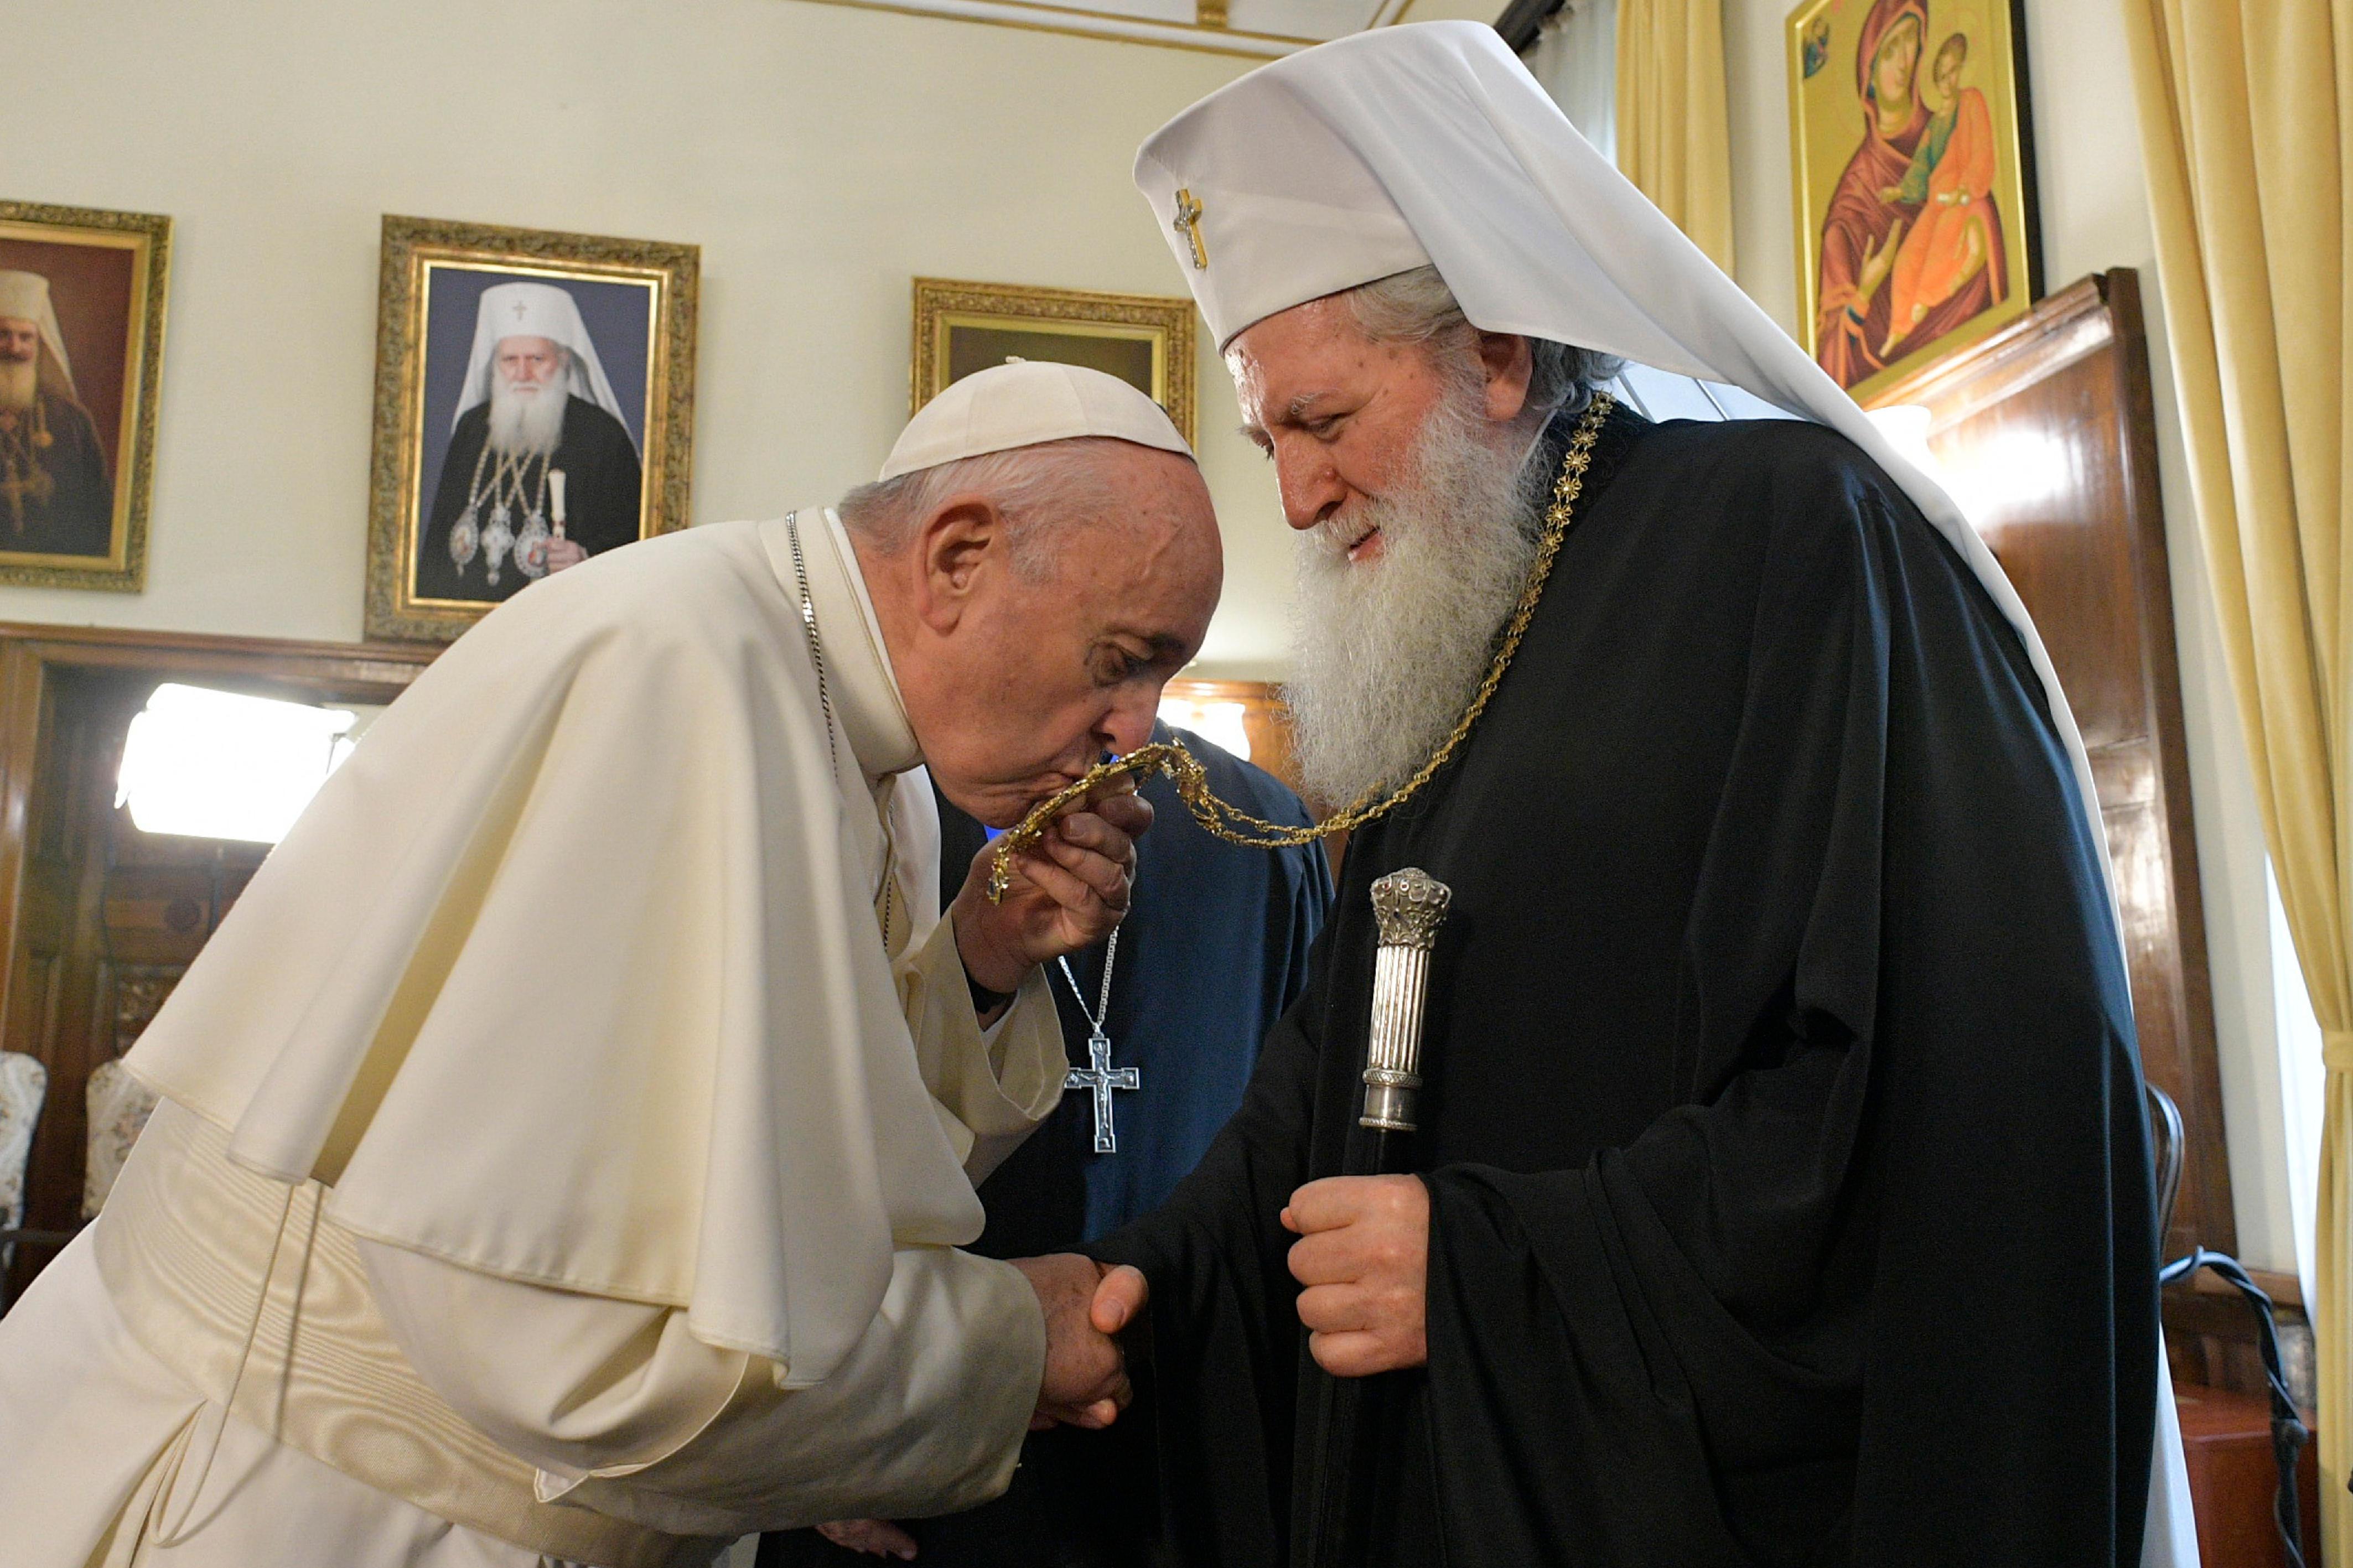 El Papa Francisco y el Patriarca Neófito, jefe de la Iglesia Ortodoxa Búlgara © Vatican Media